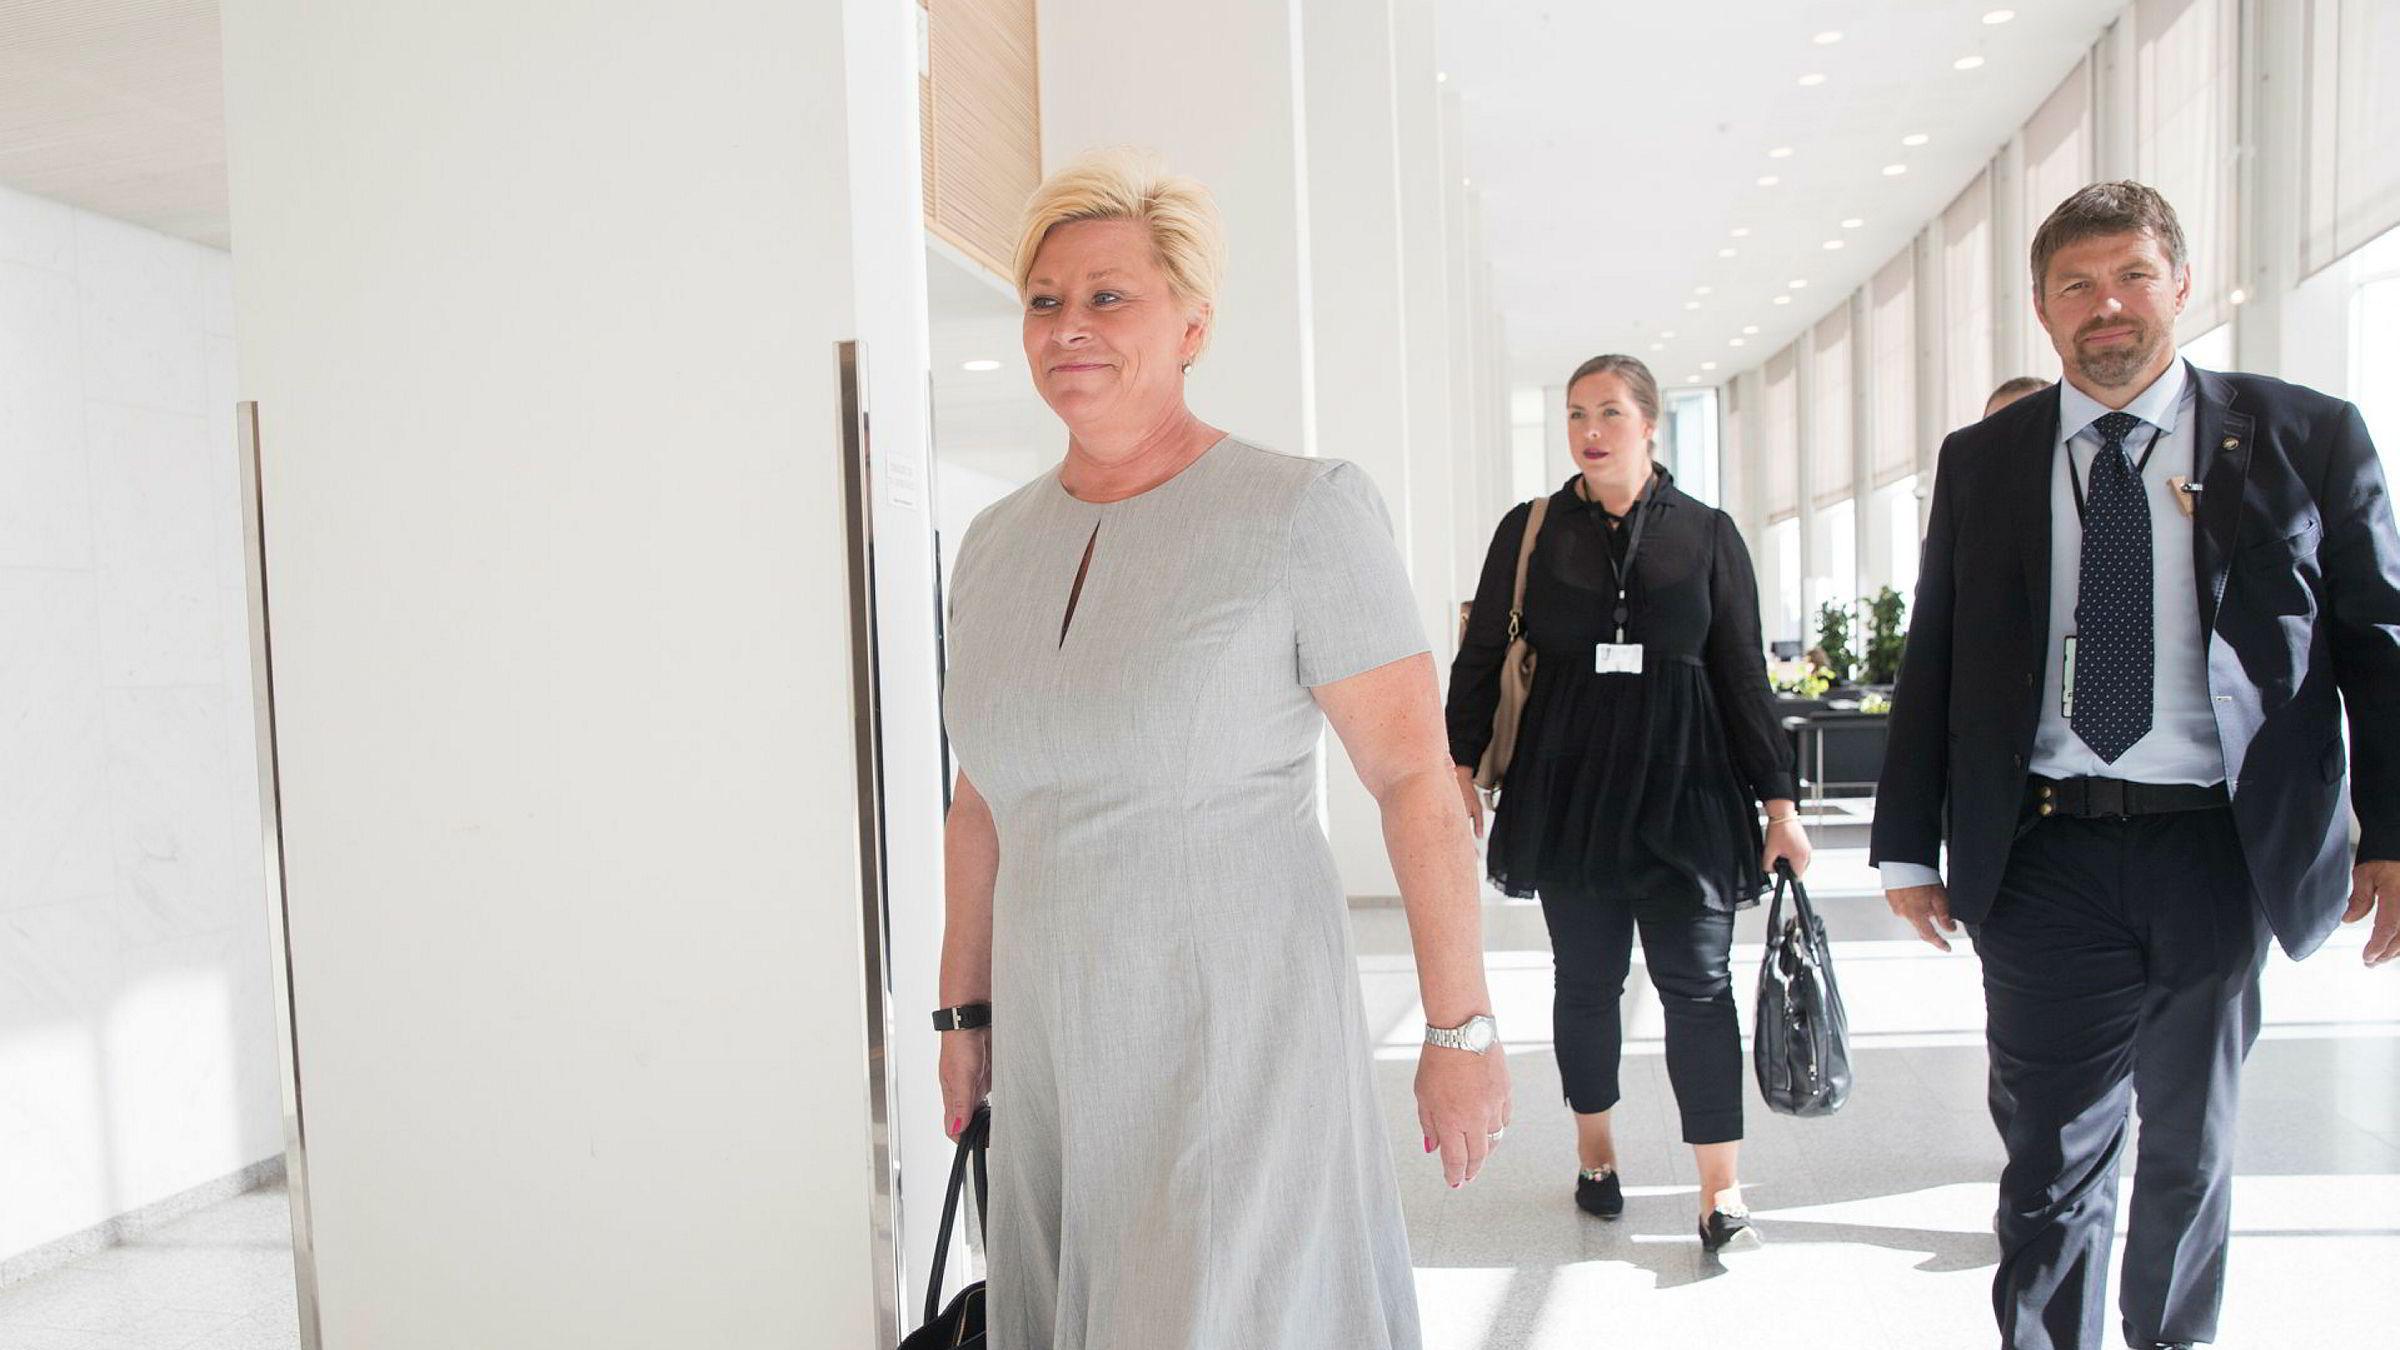 Finansminister Siv Jensen på vei inn til pressekonferansen der hun får overlevert IMFs uttalelse om norsk økonomi.